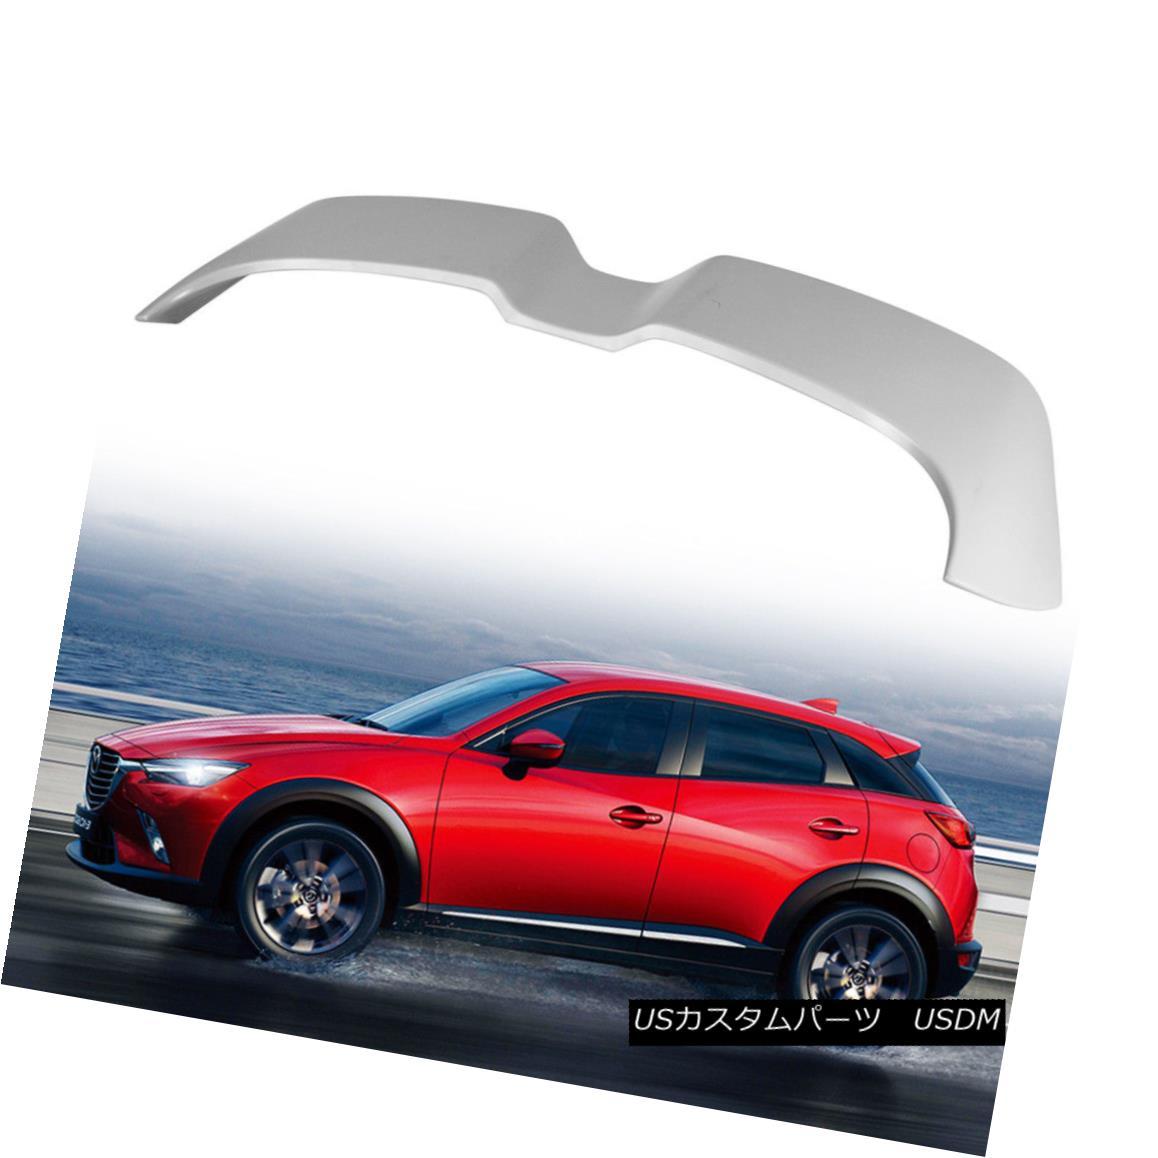 エアロパーツ Fit Mazda Hatcback CX-3 CX3 GX GT GS Sport Roof / Trunk Spoiler Painted D Type フィットマツダハッチバックCX-3 CX 3 GX GT GSスポーツルーフ/トランクスポイラーペイントDタイプ